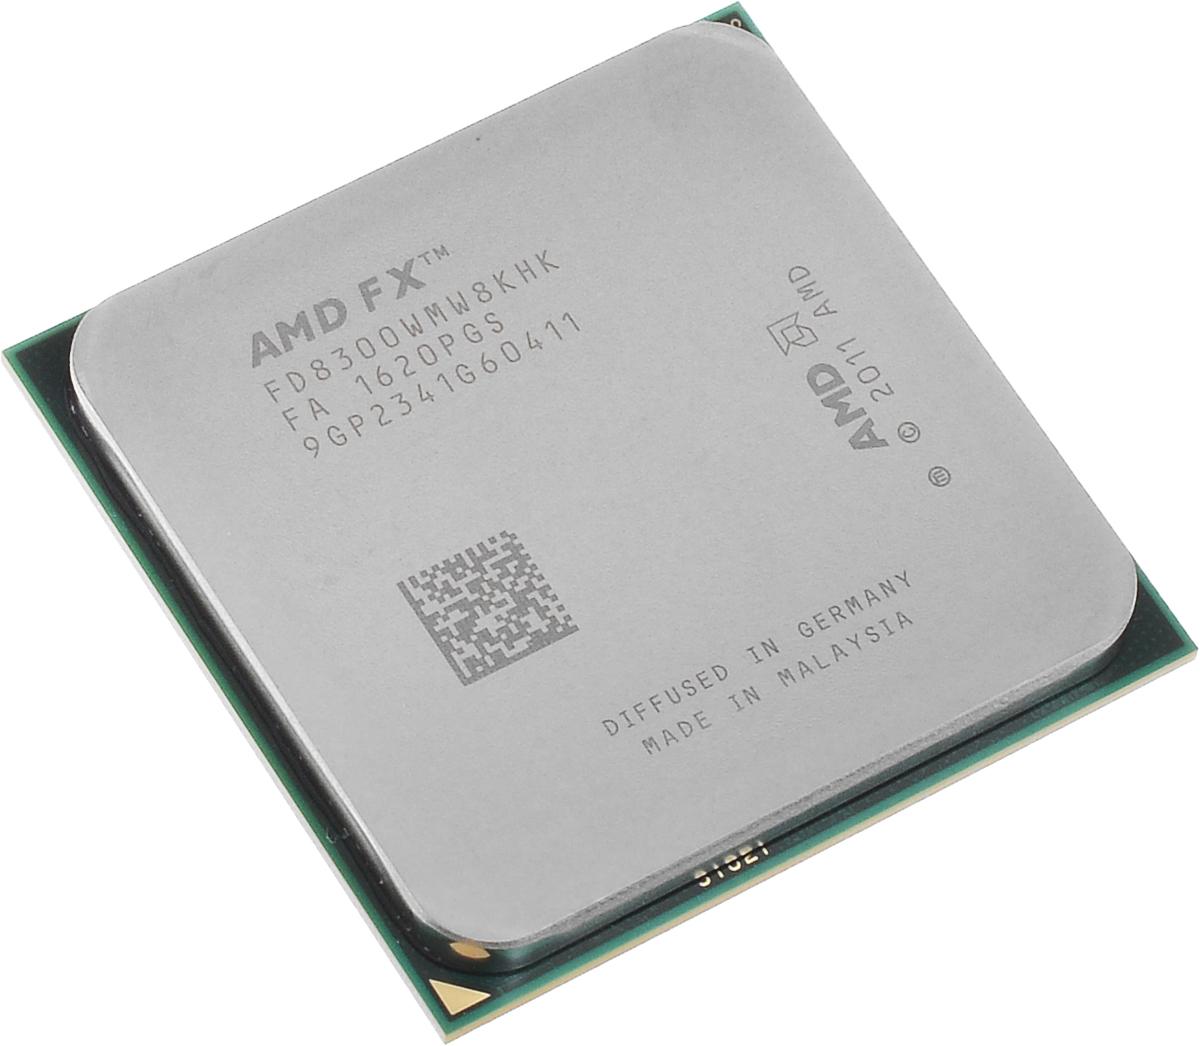 AMD FX-8300 процессор (FD8300WMW8KHK)FD8300WMW8KHKПроцессор AMD FX-8300 подойдет для настольных персональных компьютеров, основанных на платформе AMD. Данная модель имеет разблокированный множитель, а также встроенный двухканальный контроллер памяти DDR3.Процессор поддерживает все основные технологии AMD: AMD64Enhanced Virus Protection,HyperTransport,PowerNow! / CoolnQuiet,Turbo Core 3.0,Virtualization